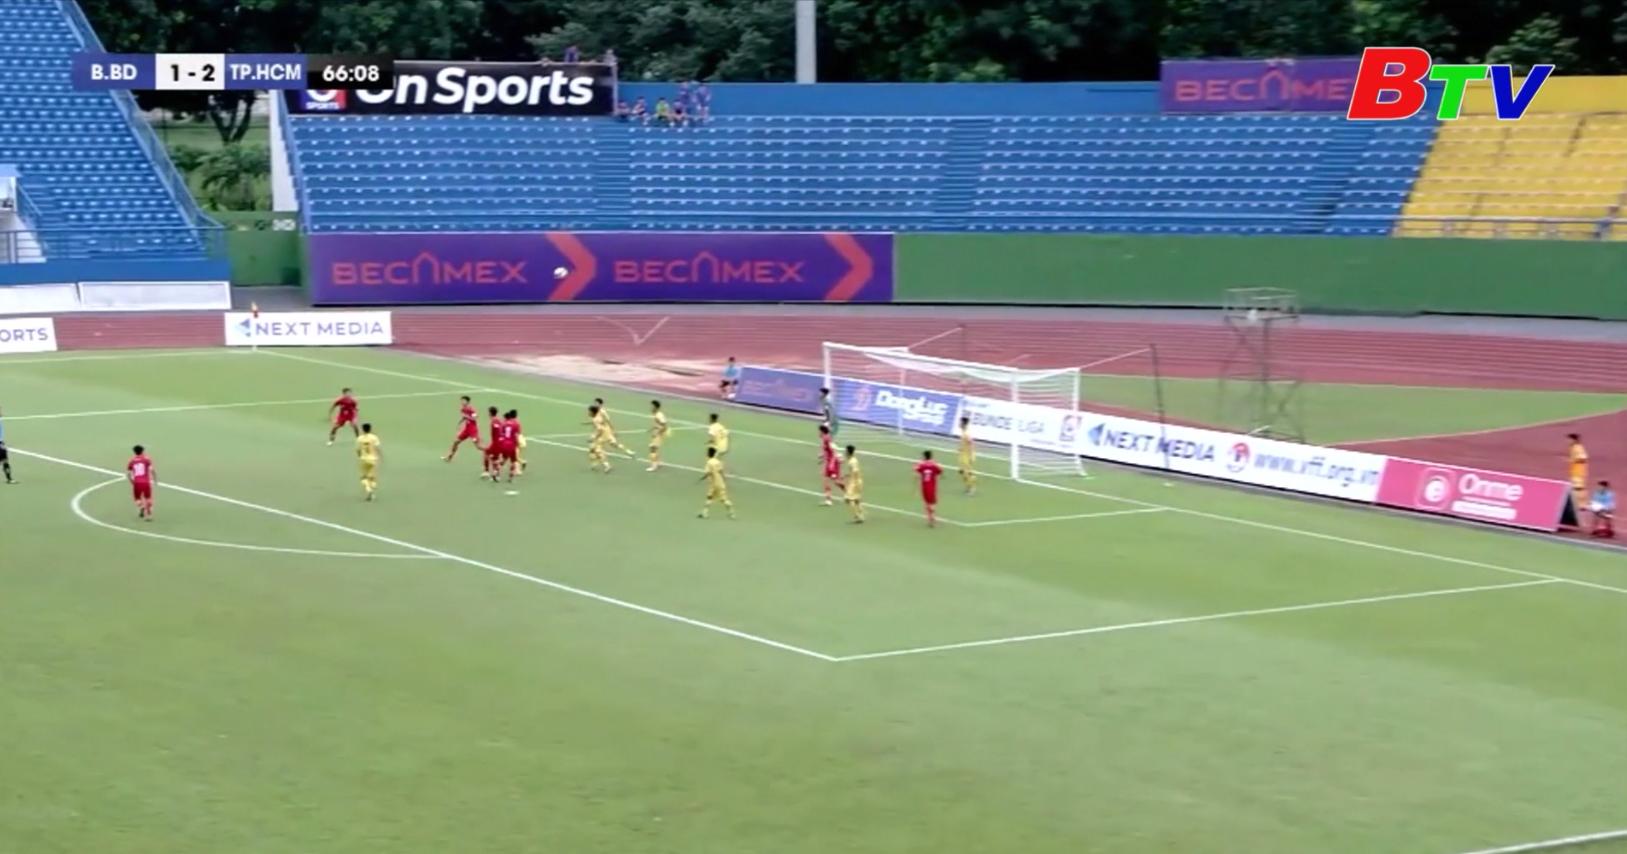 Vòng chung kết Giải bóng đá vô địch U15 Quốc gia - Next Media 2020 – Becamex Bình Dương và Sông Lam Nghệ An vào bán kết